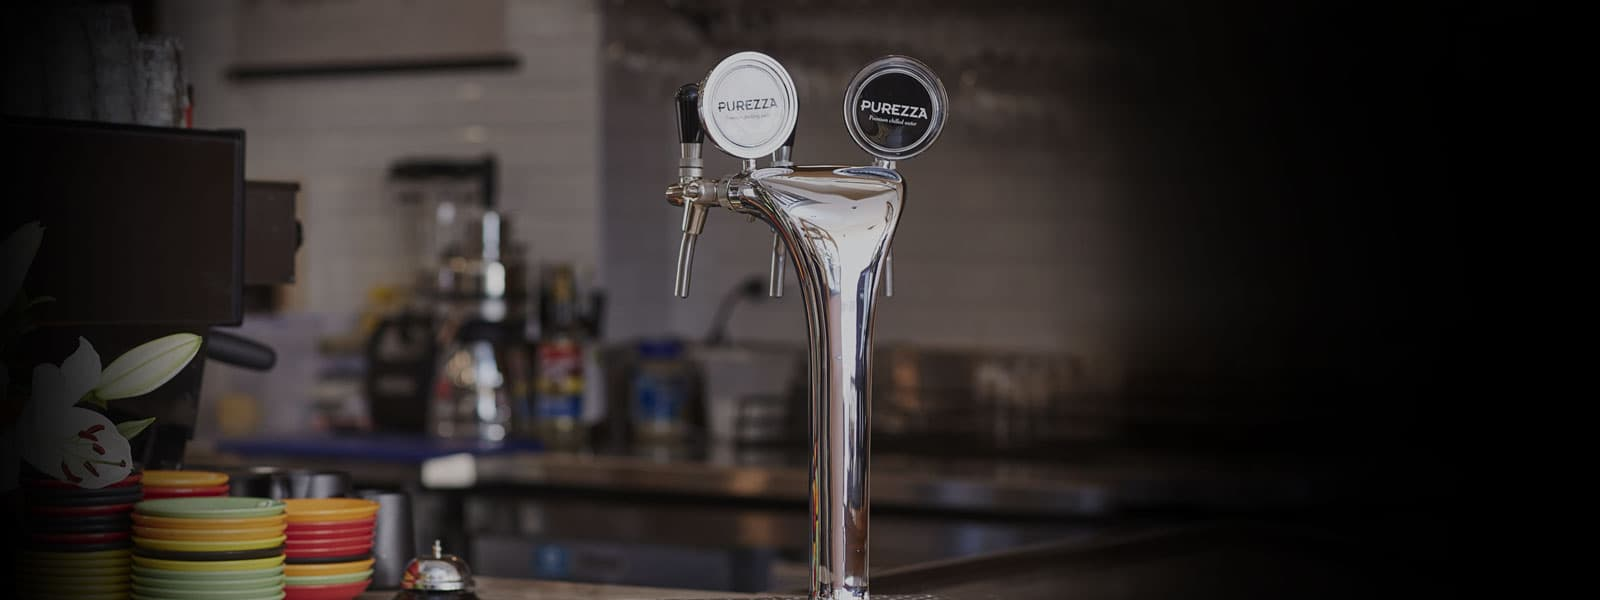 Premium Chilled Still & Sparkling Water for Restaurants